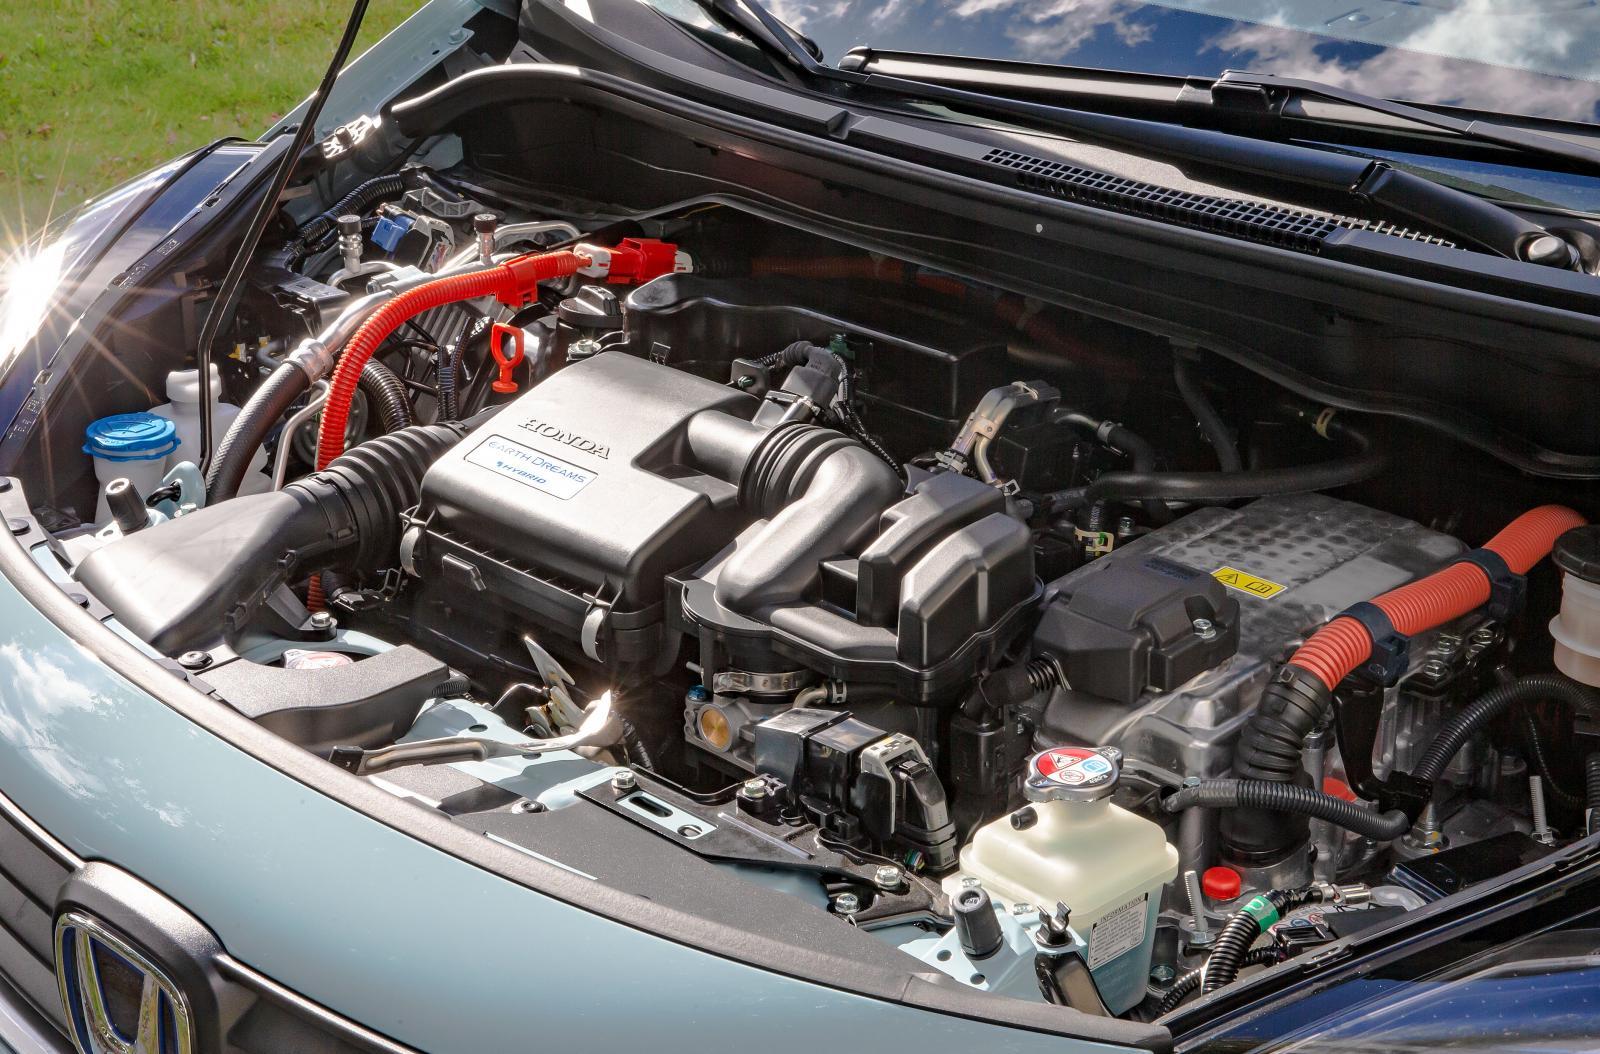 Elhybriden drivs av två elmotorer och en bensinfyra på 1,5 liter.